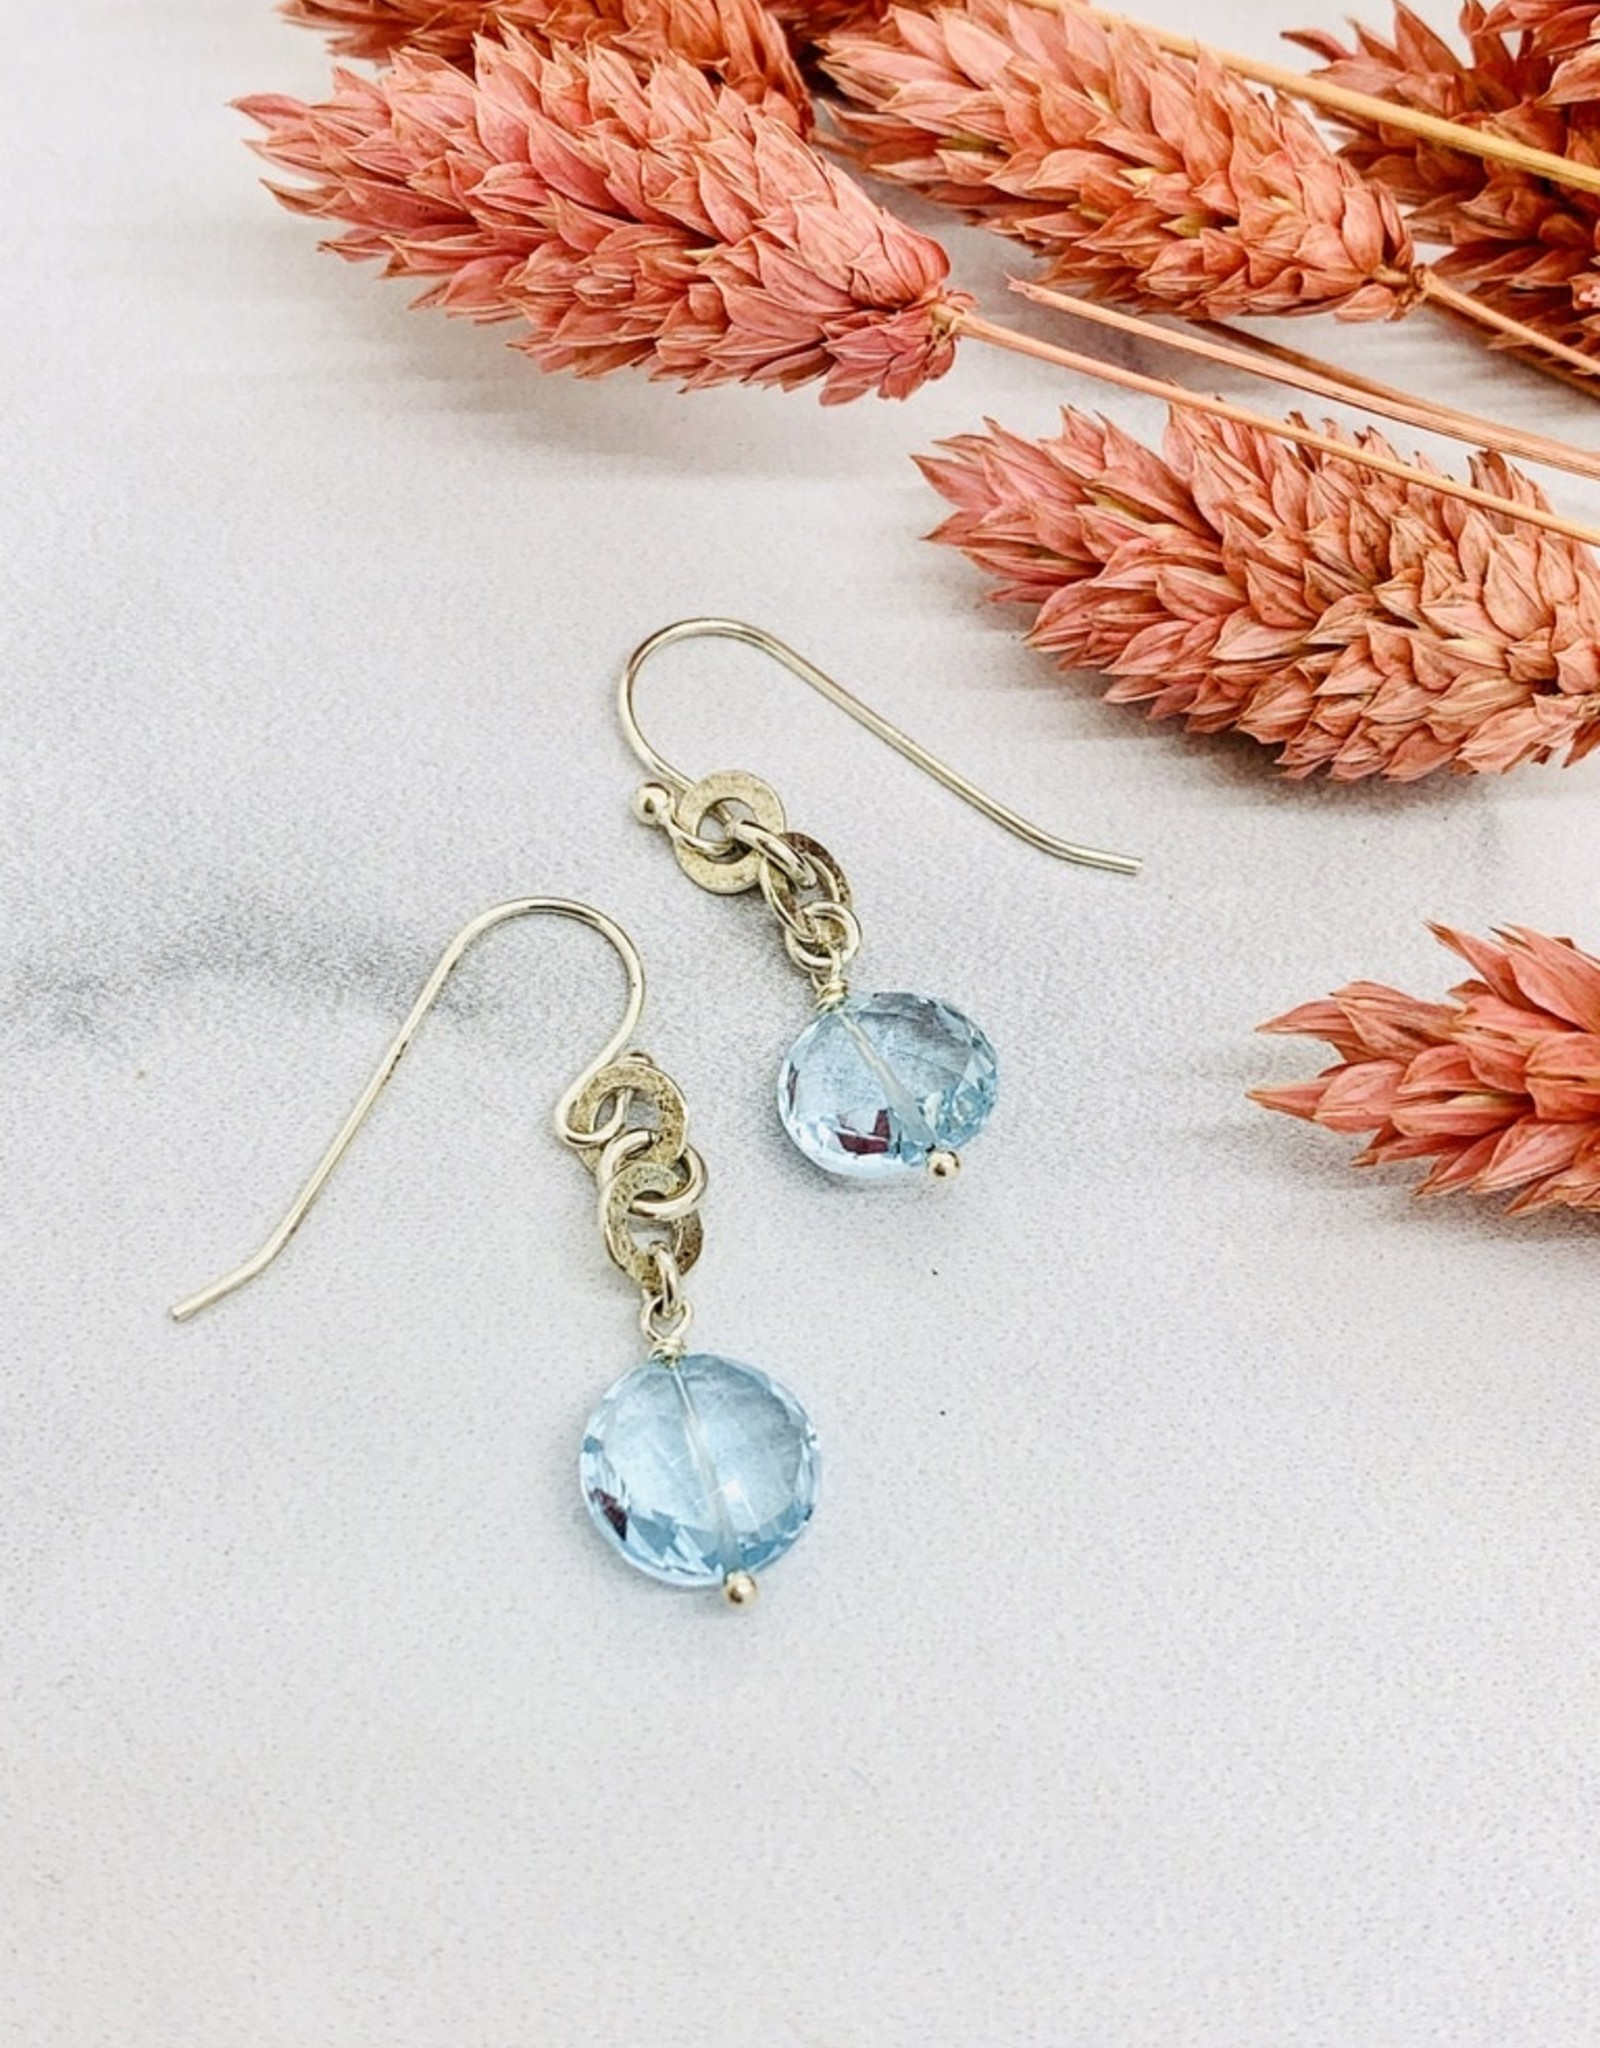 Handmade sky blue topaz coin 2 hammered rings Earrings